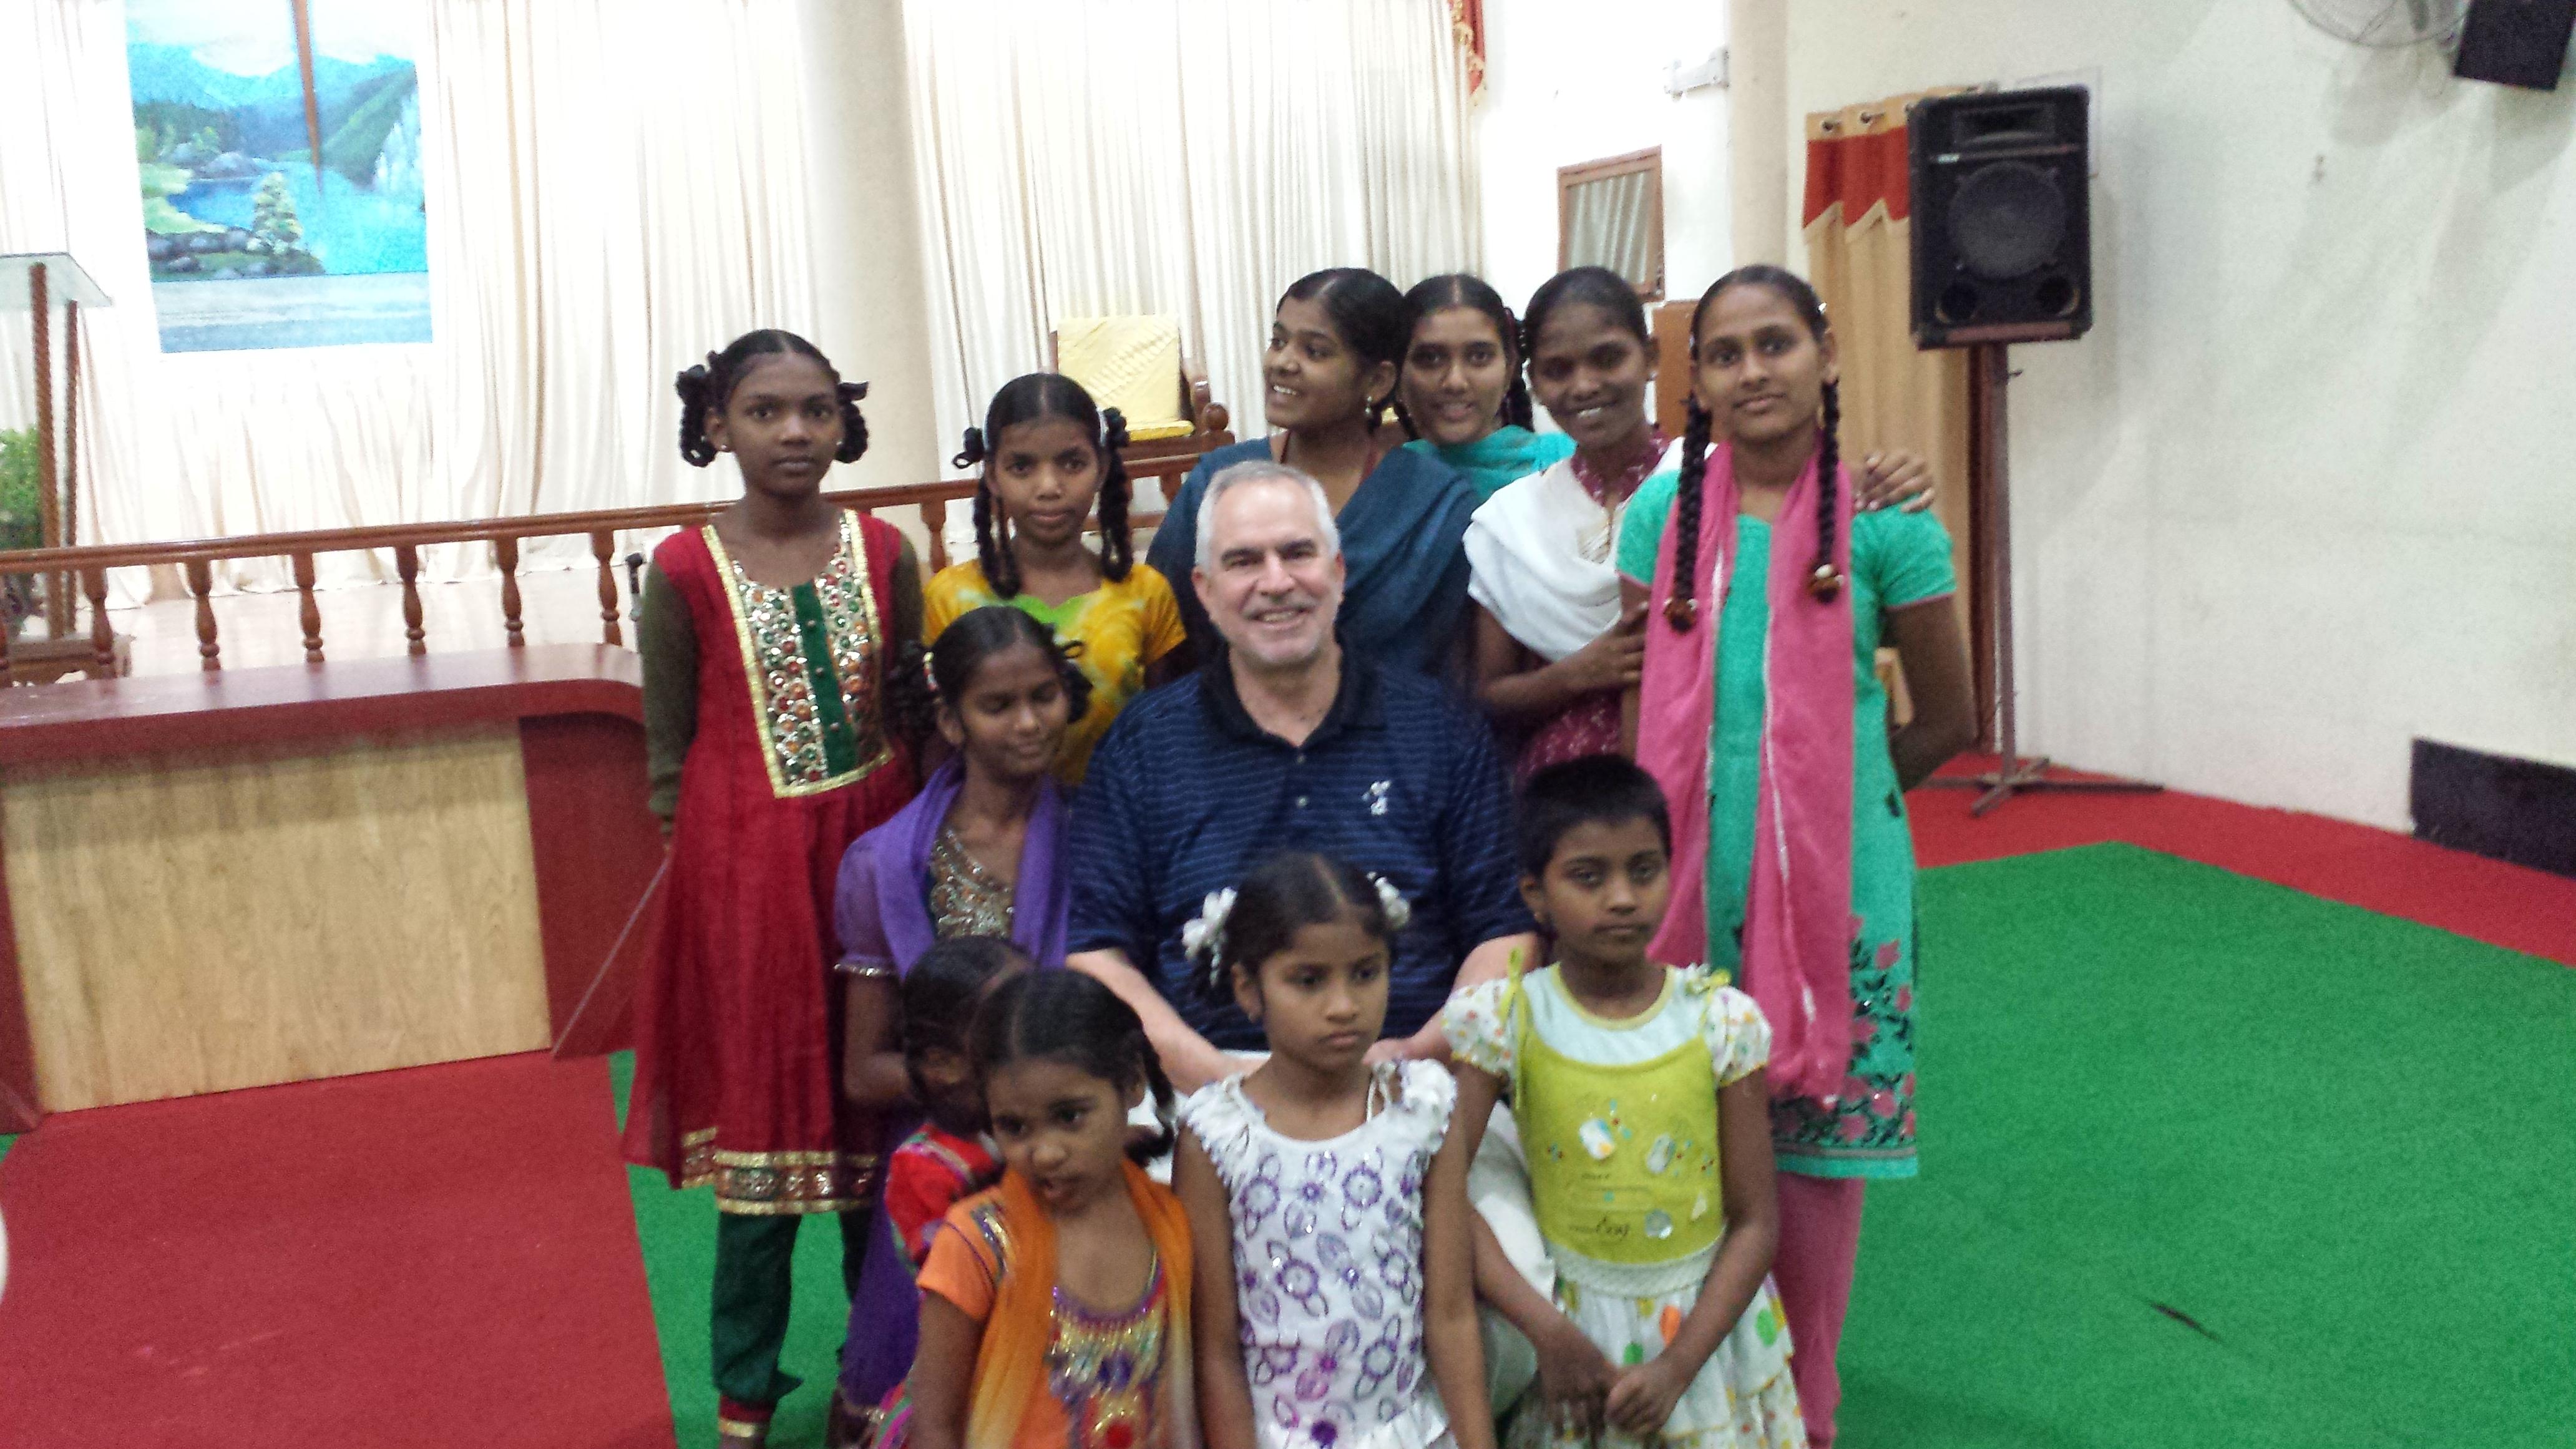 India visit 2012